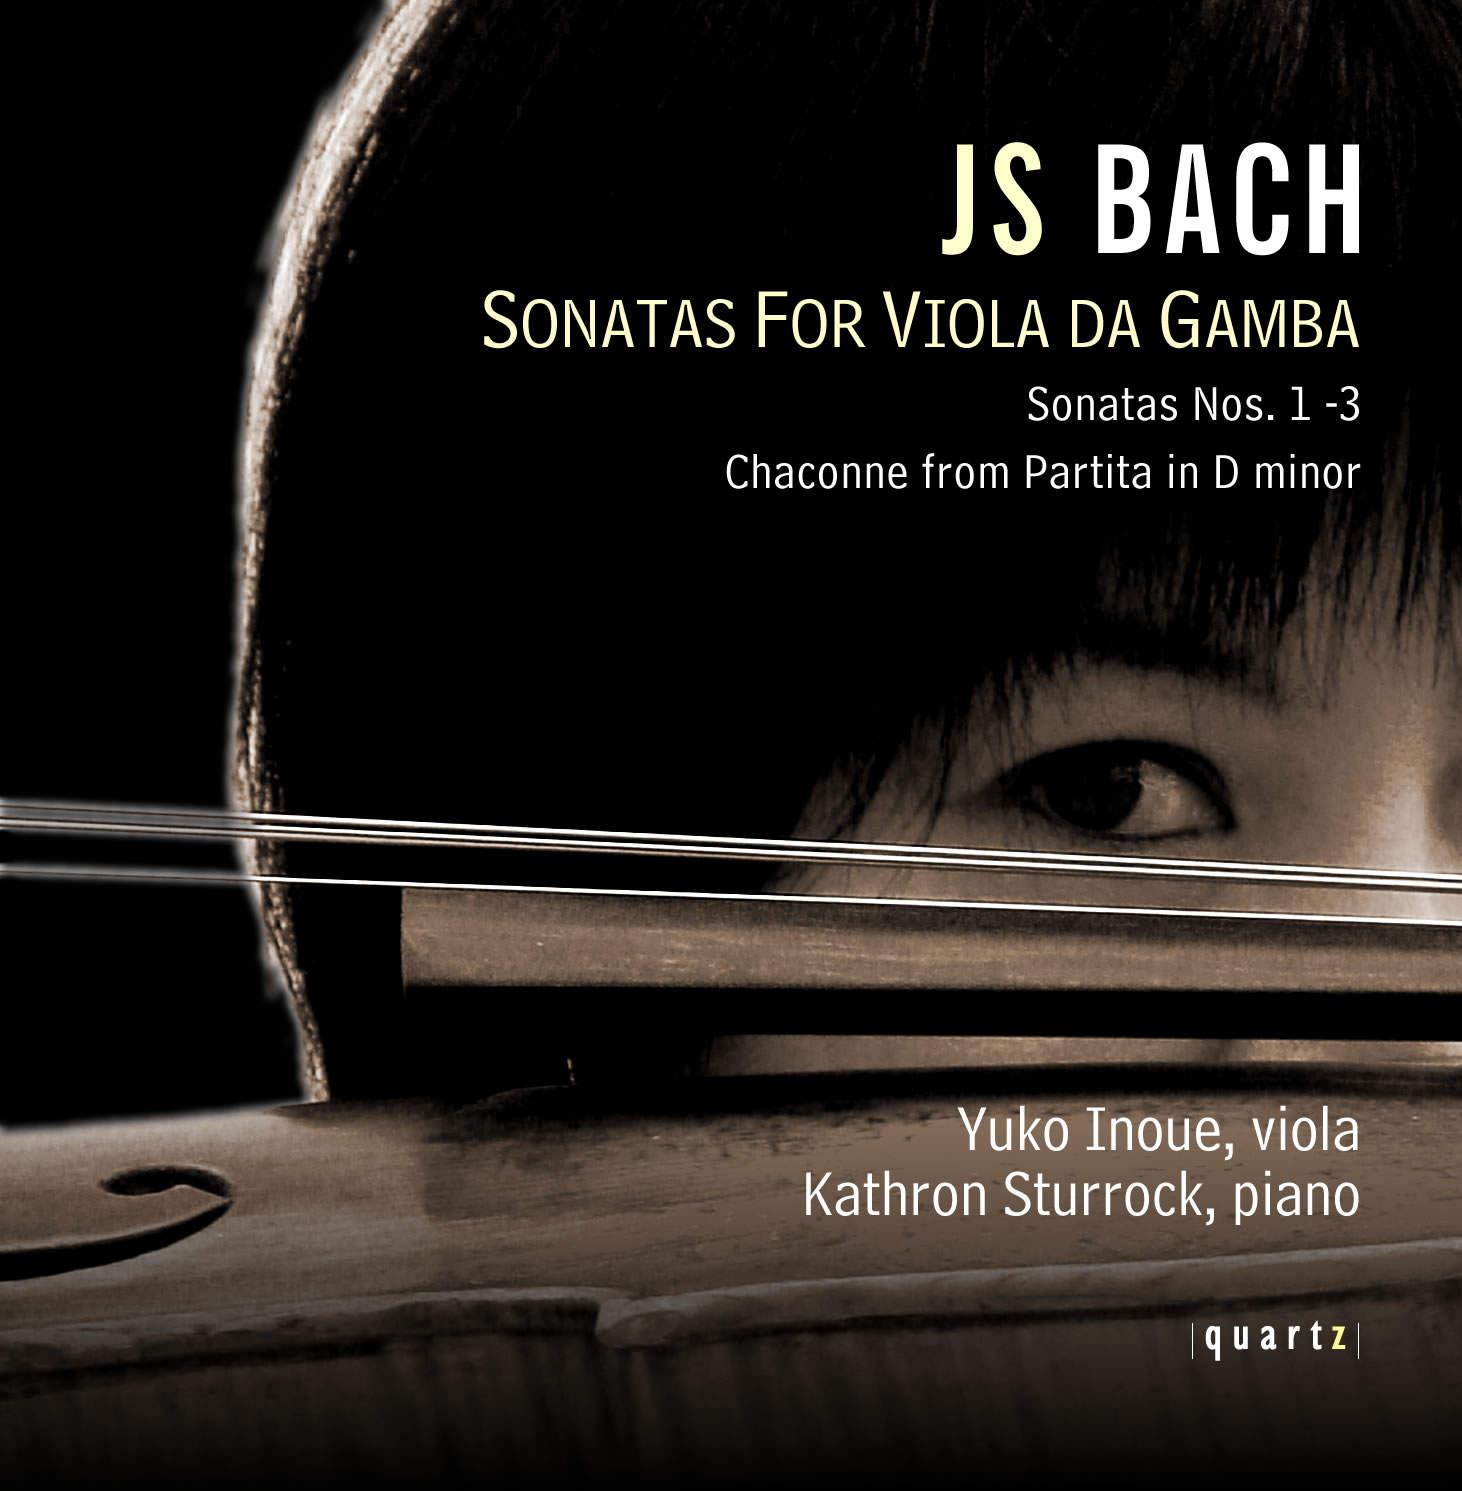 Yuko Inoue (viola) and Kathron Sturrock (piano)